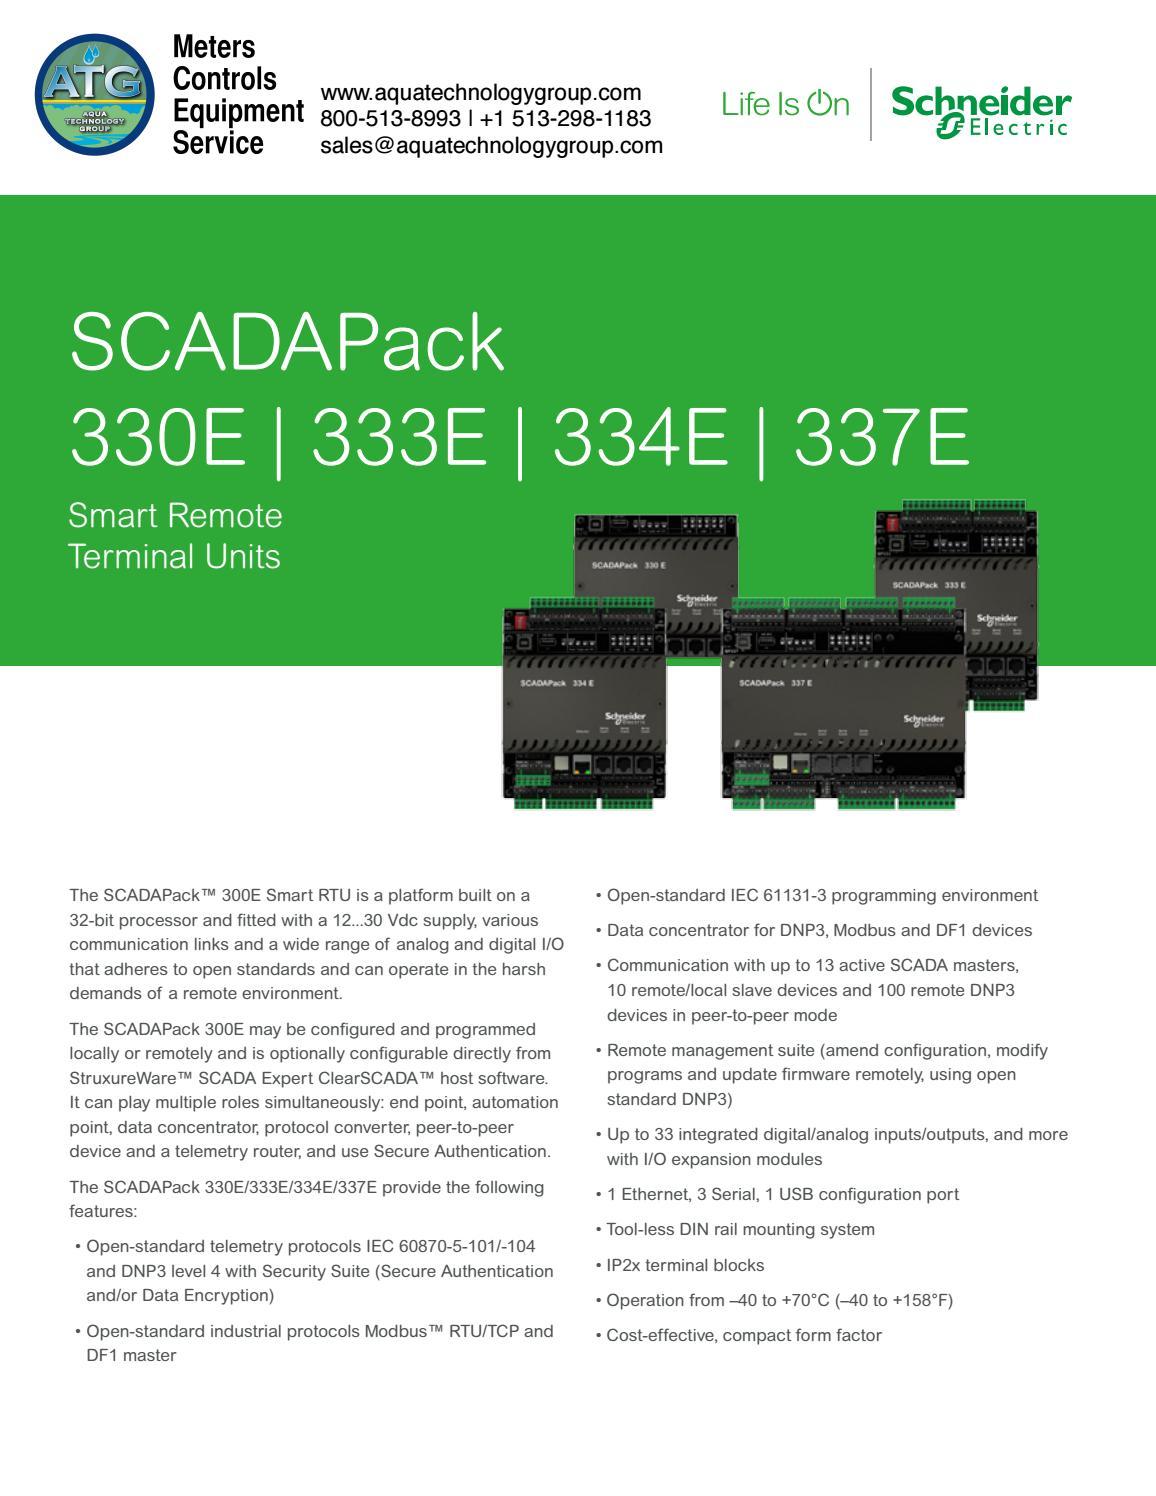 Scadapack 330e 333e 334e 337e e series datasheet by Aqua